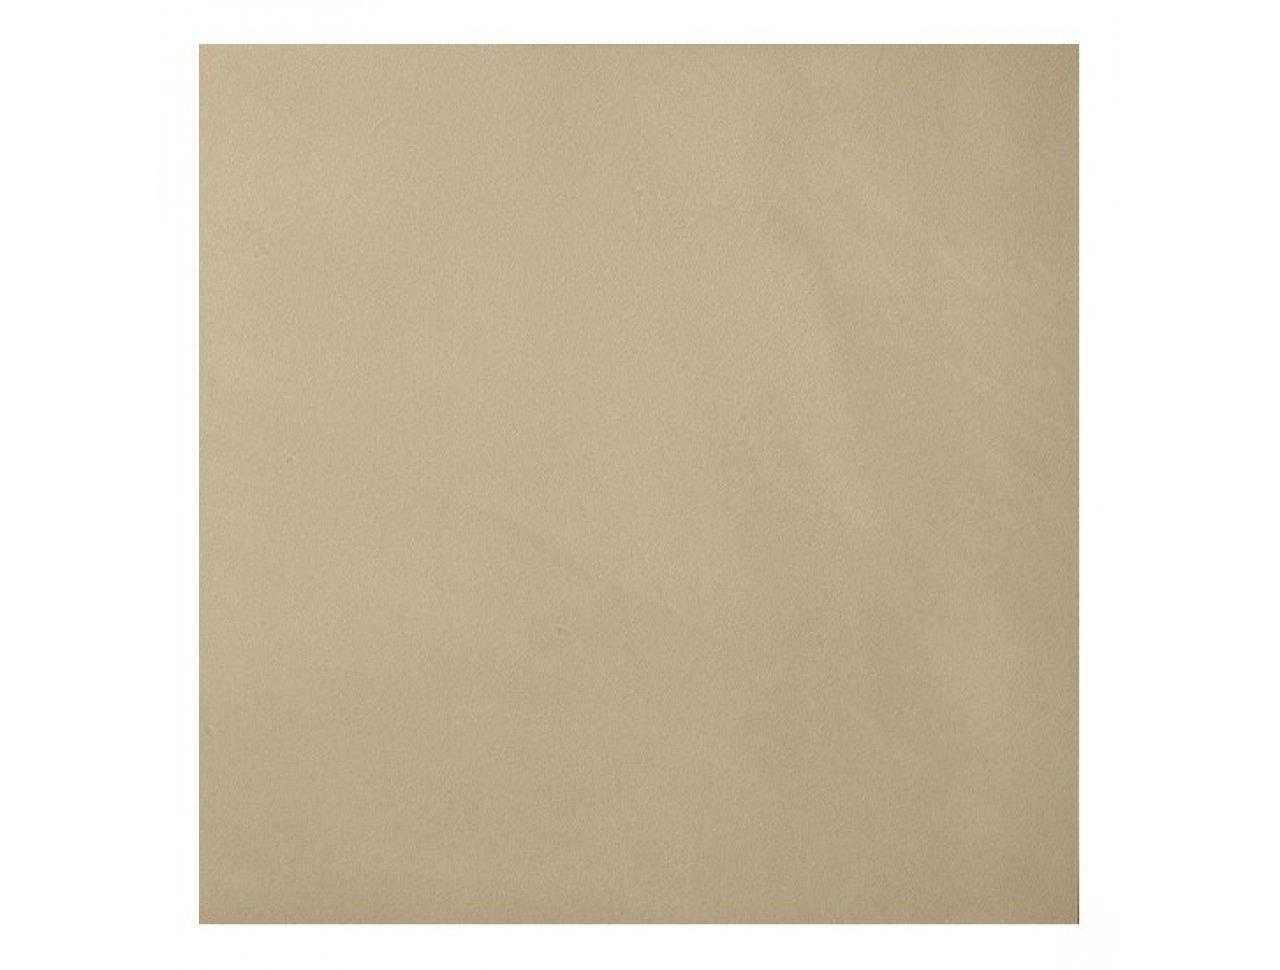 Напольная плитка FAP Color Now Floor Beige Matt 60 x 60 см, Арт. fNMA